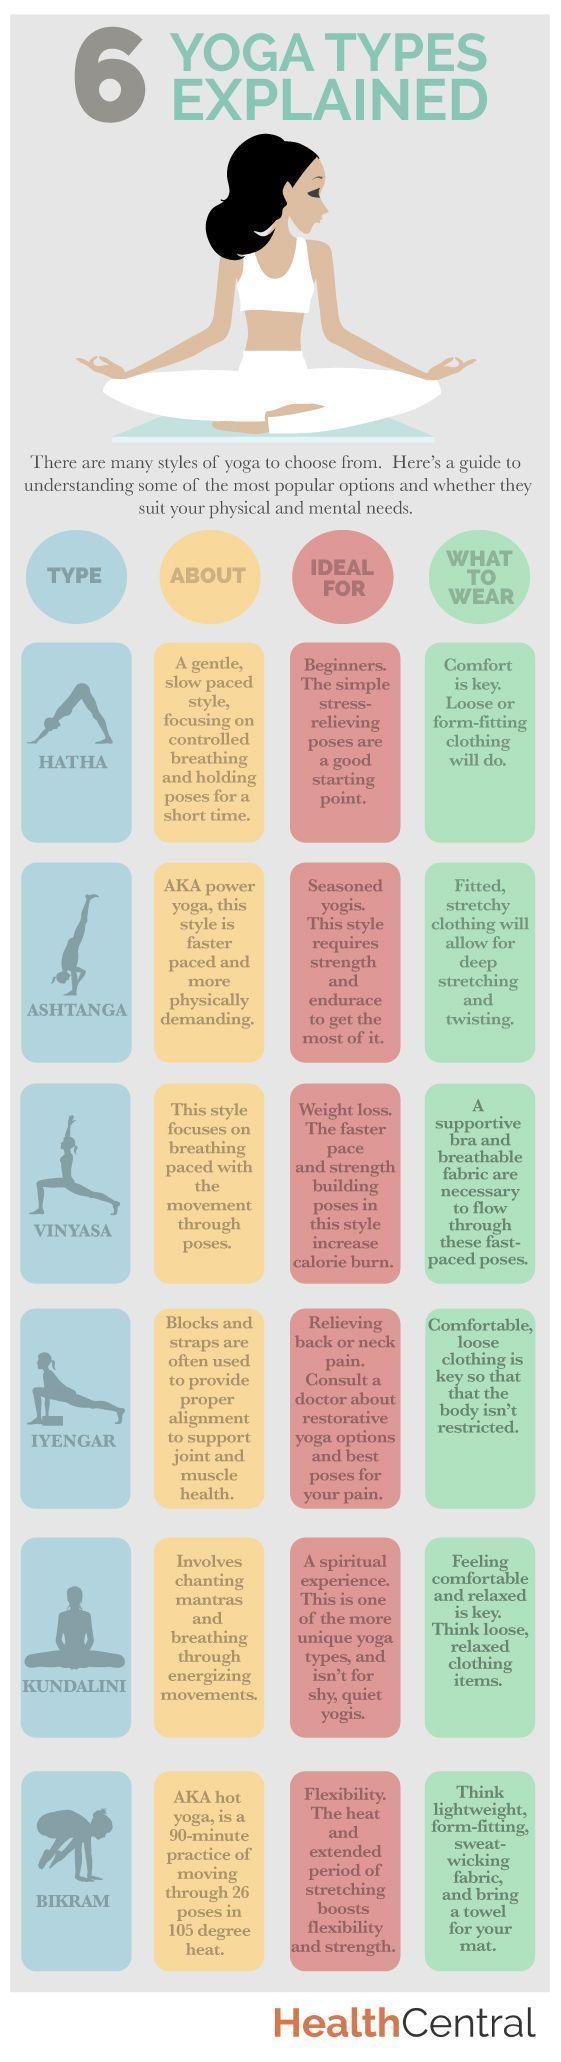 6 Arten von Yoga erklärt. Was solltest du üben und was solltest du tragen …